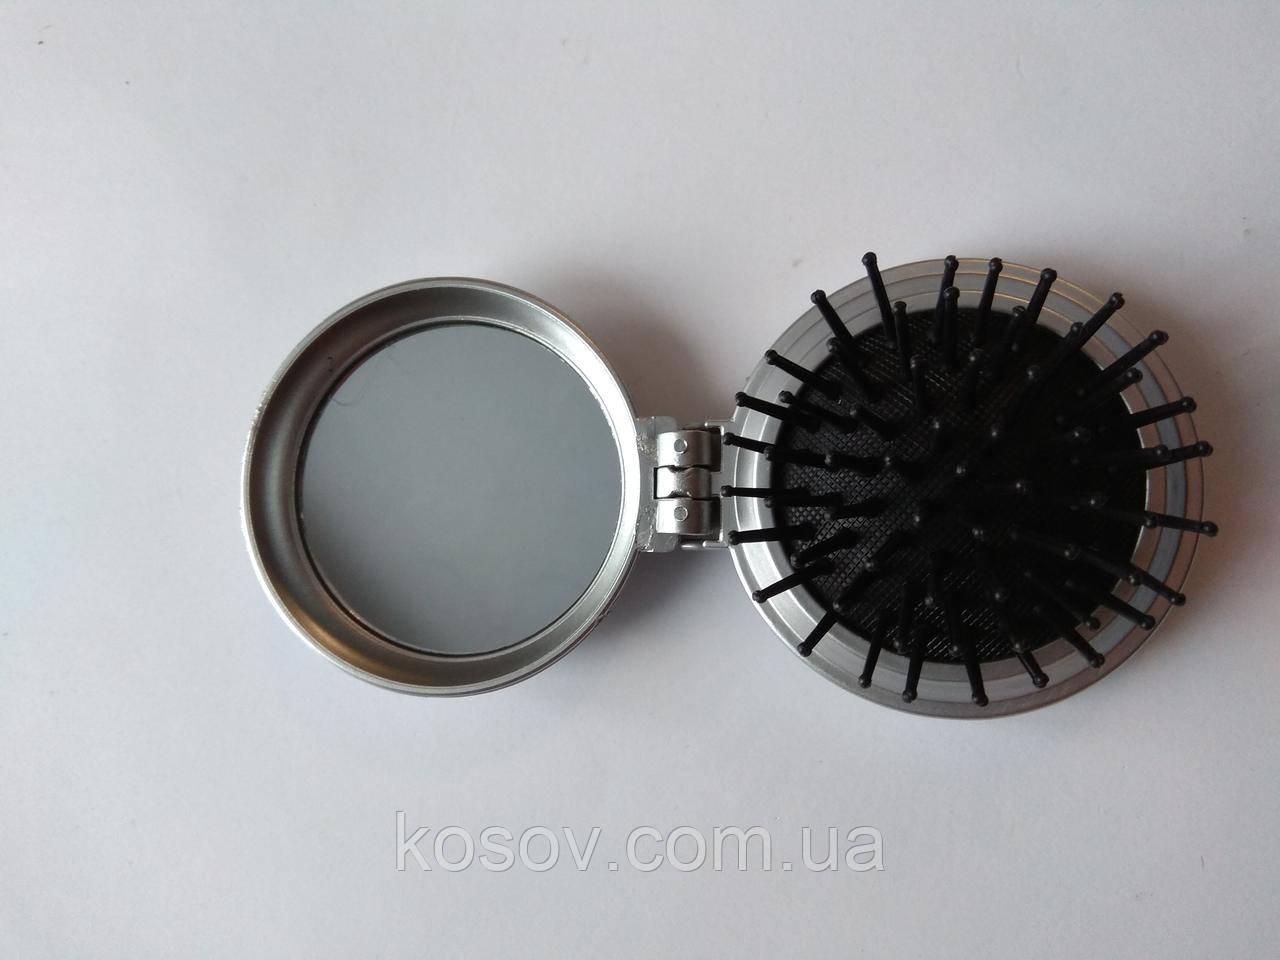 Расческа-масажка раскладная 13х6см (серебряная), фото 1